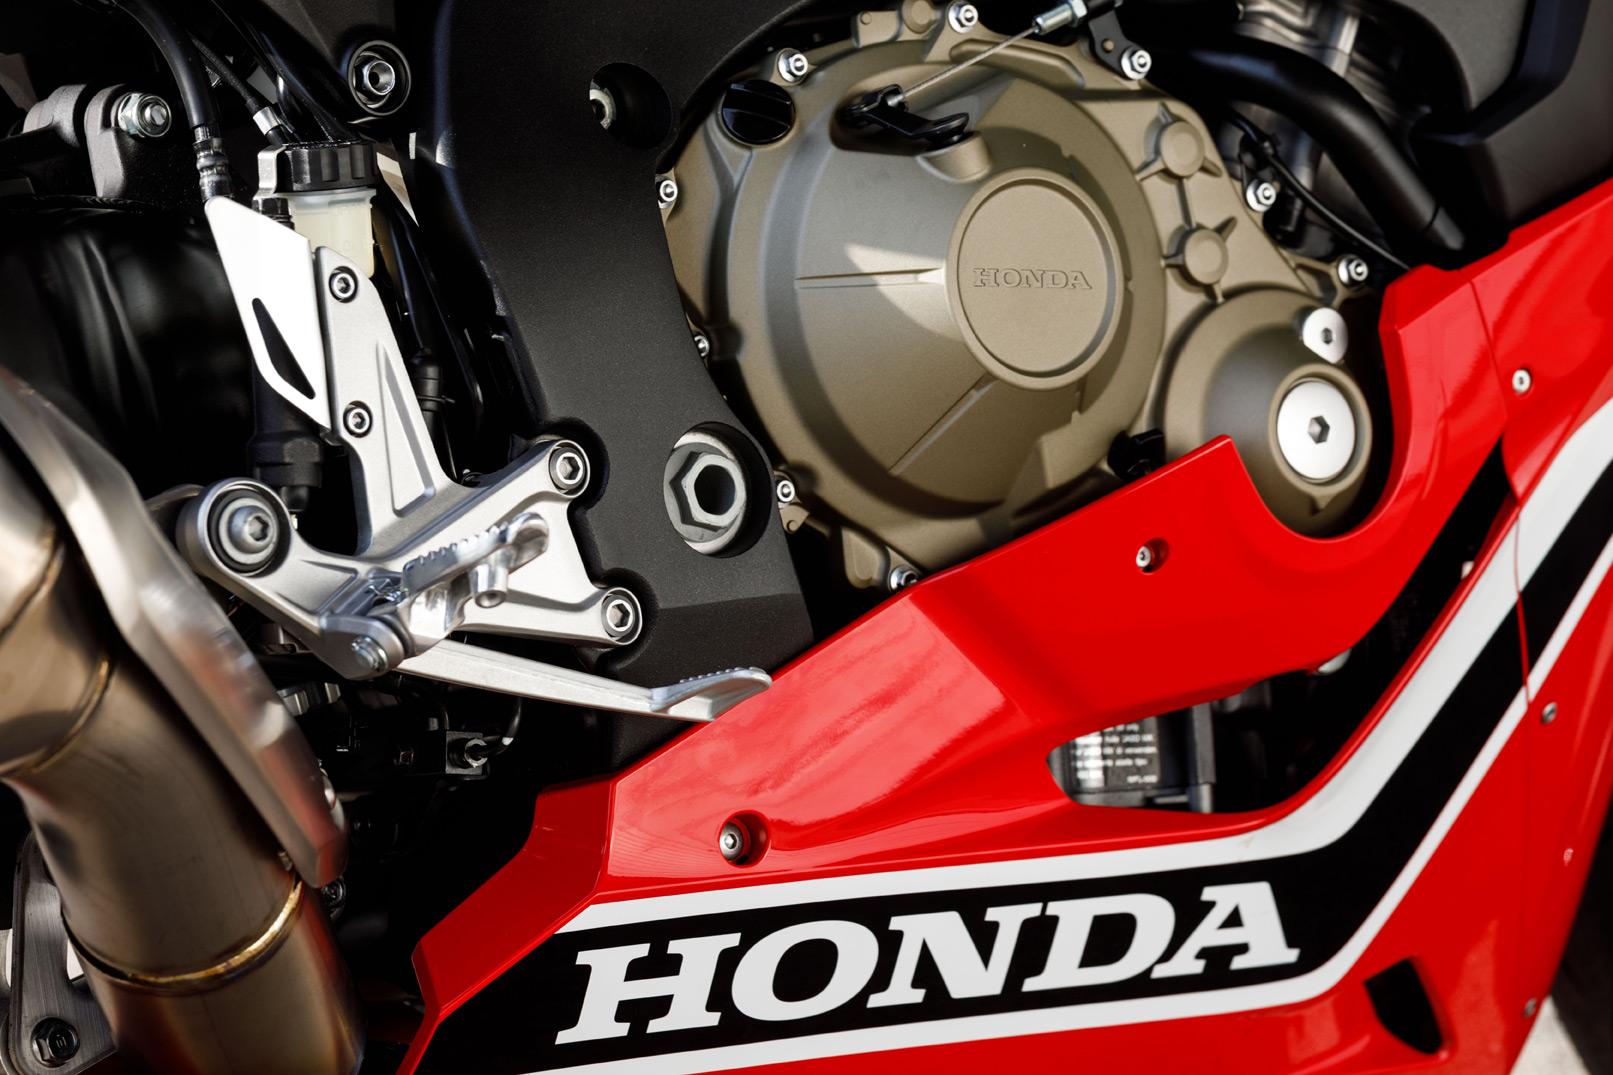 Honda CBR1000RR Fireblade 2017 engine